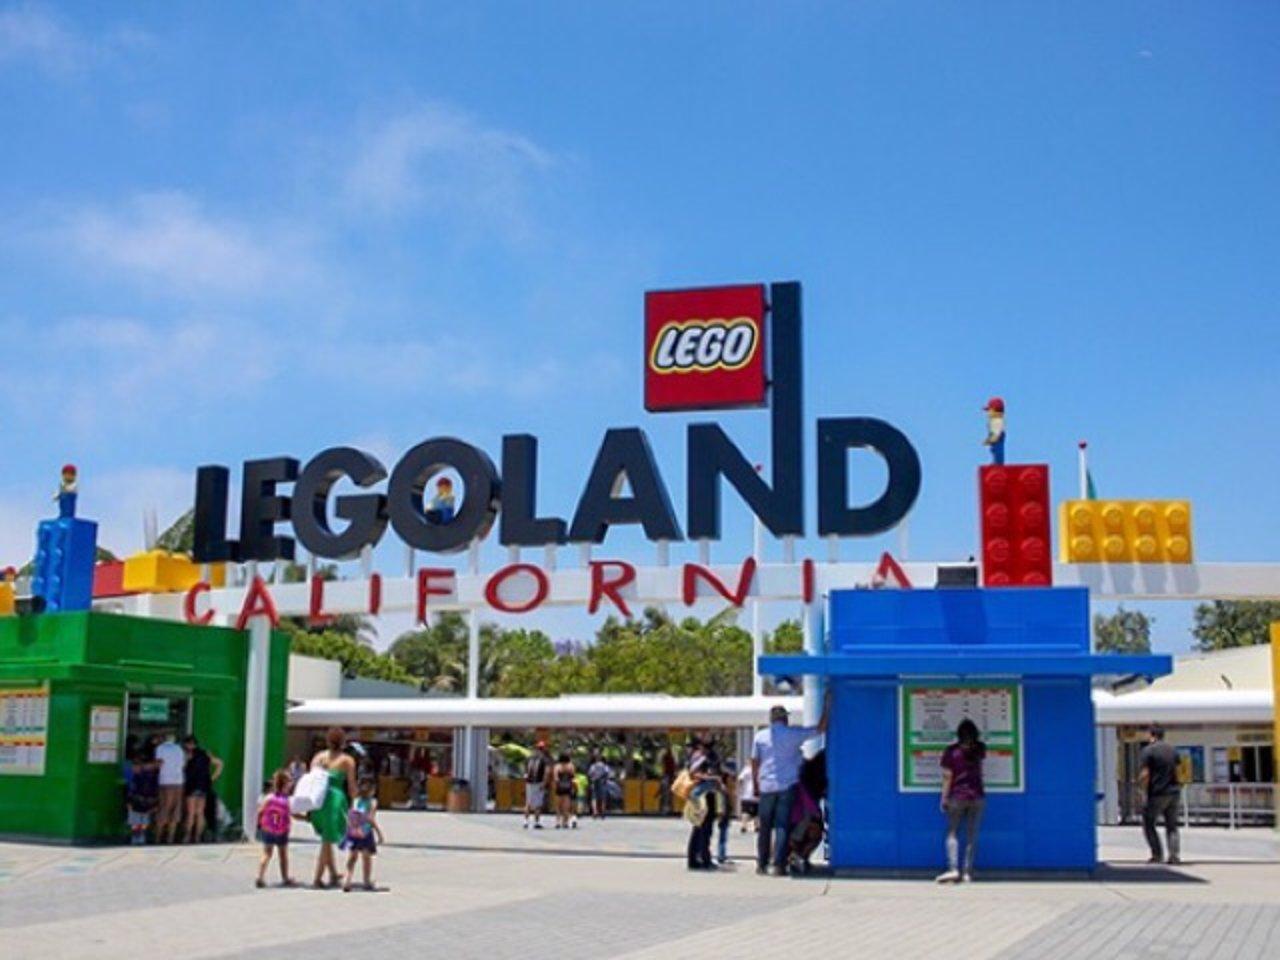 【带娃自驾游】四天三晚的Legoland之旅(下)走进Legoland